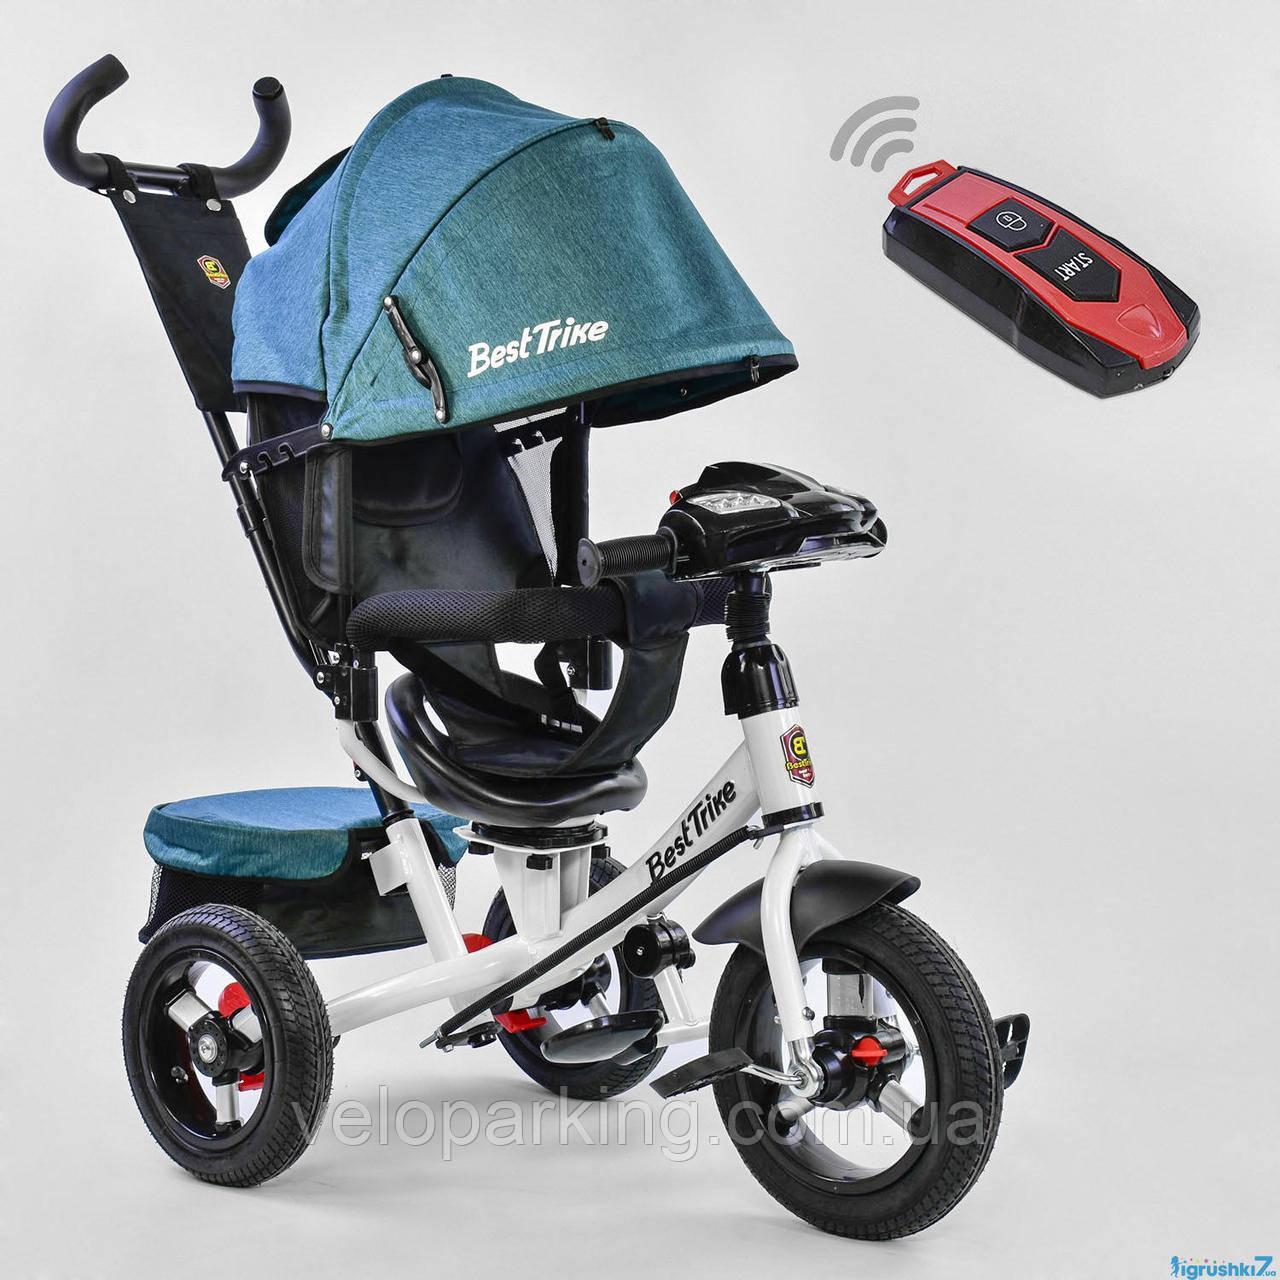 Трехколесный детский велосипед Best Trike 7700 В (2019) (надувные колеса & пульт света & поворотное сидение)